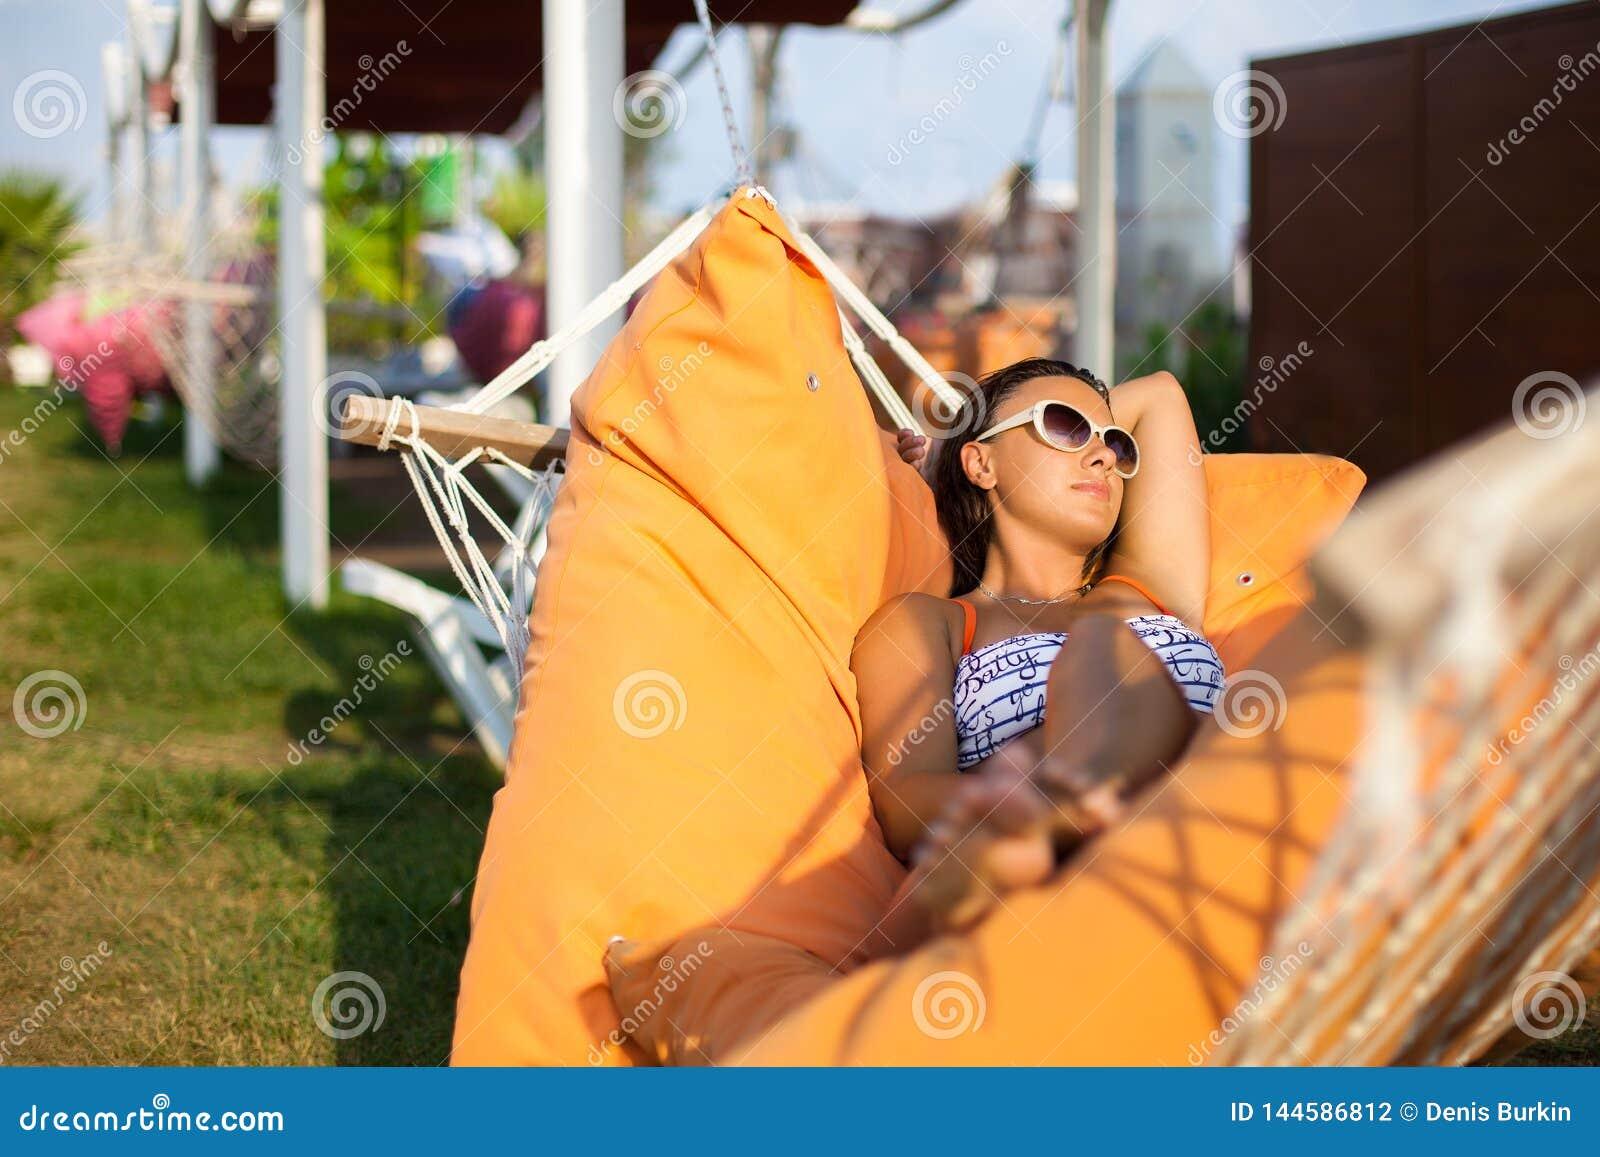 说谎在吊床的妇女 日热晴朗 吊床松弛妇女 在吊床的一名年轻愉快的妇女的特写镜头